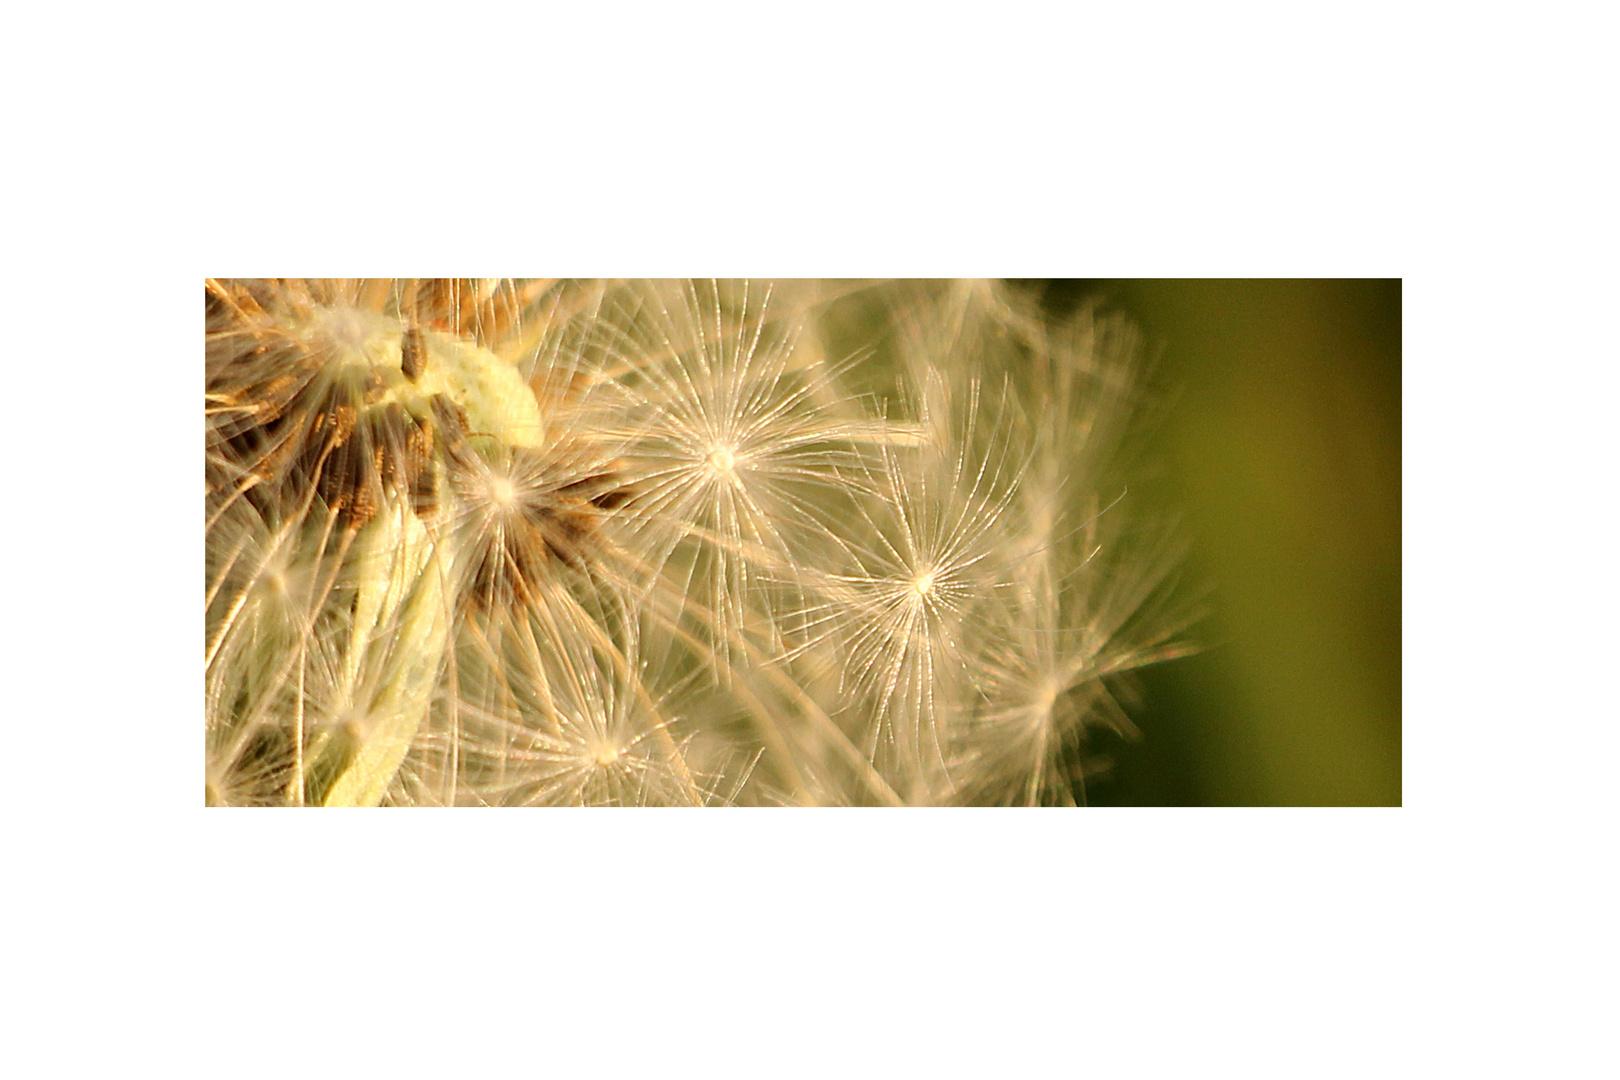 Latawce, dmuchawce, wiatr...